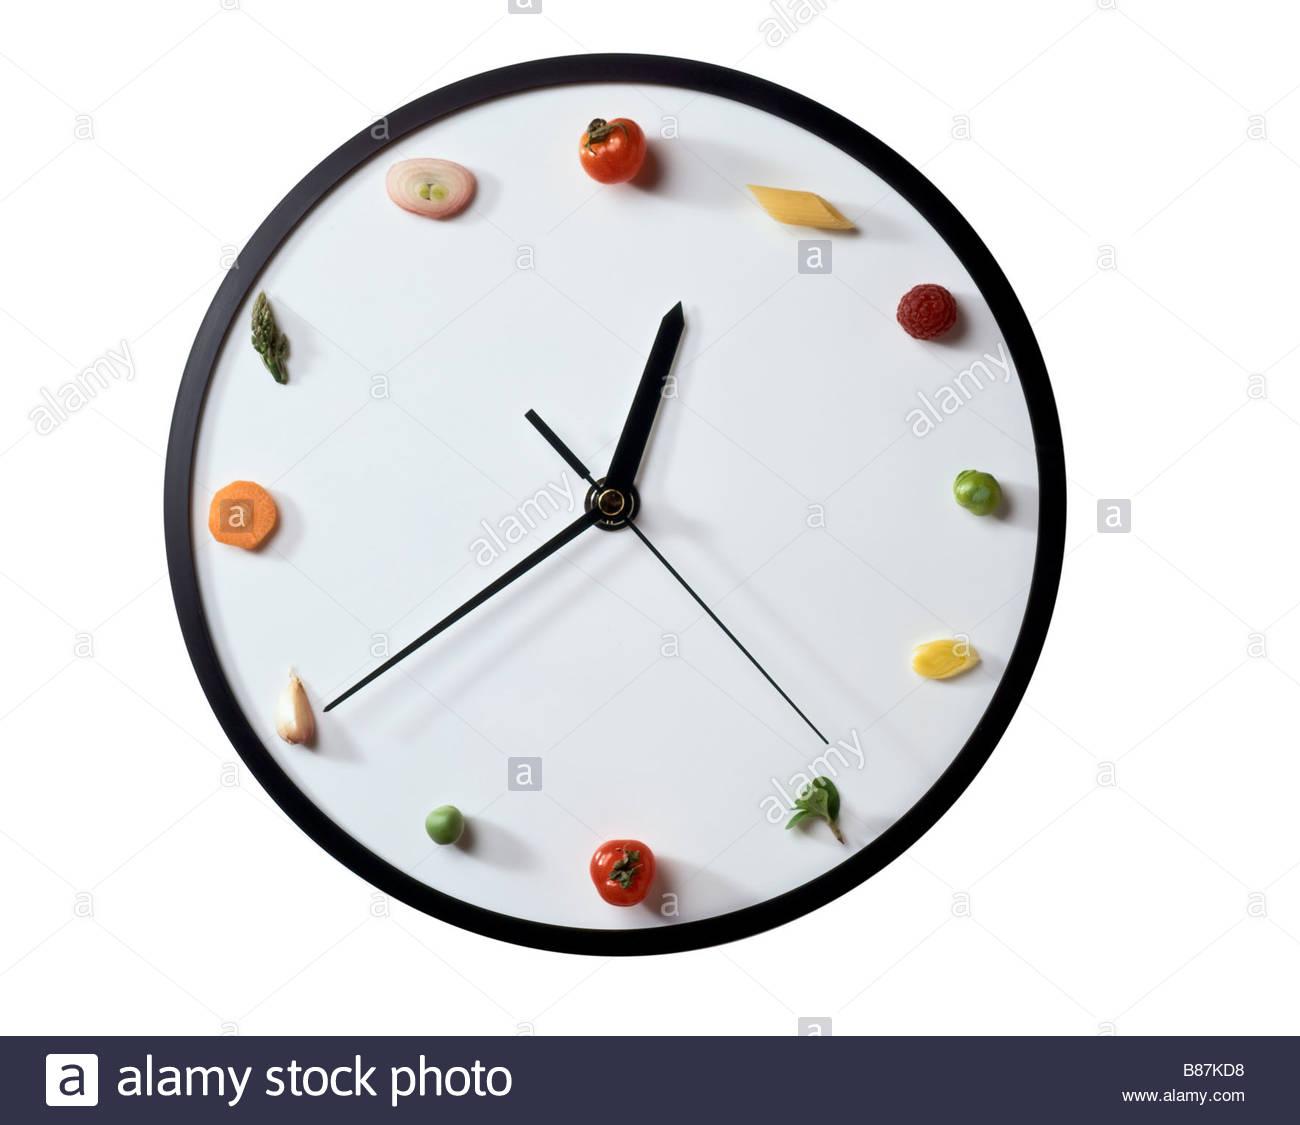 horloge symbolique Photo Stock